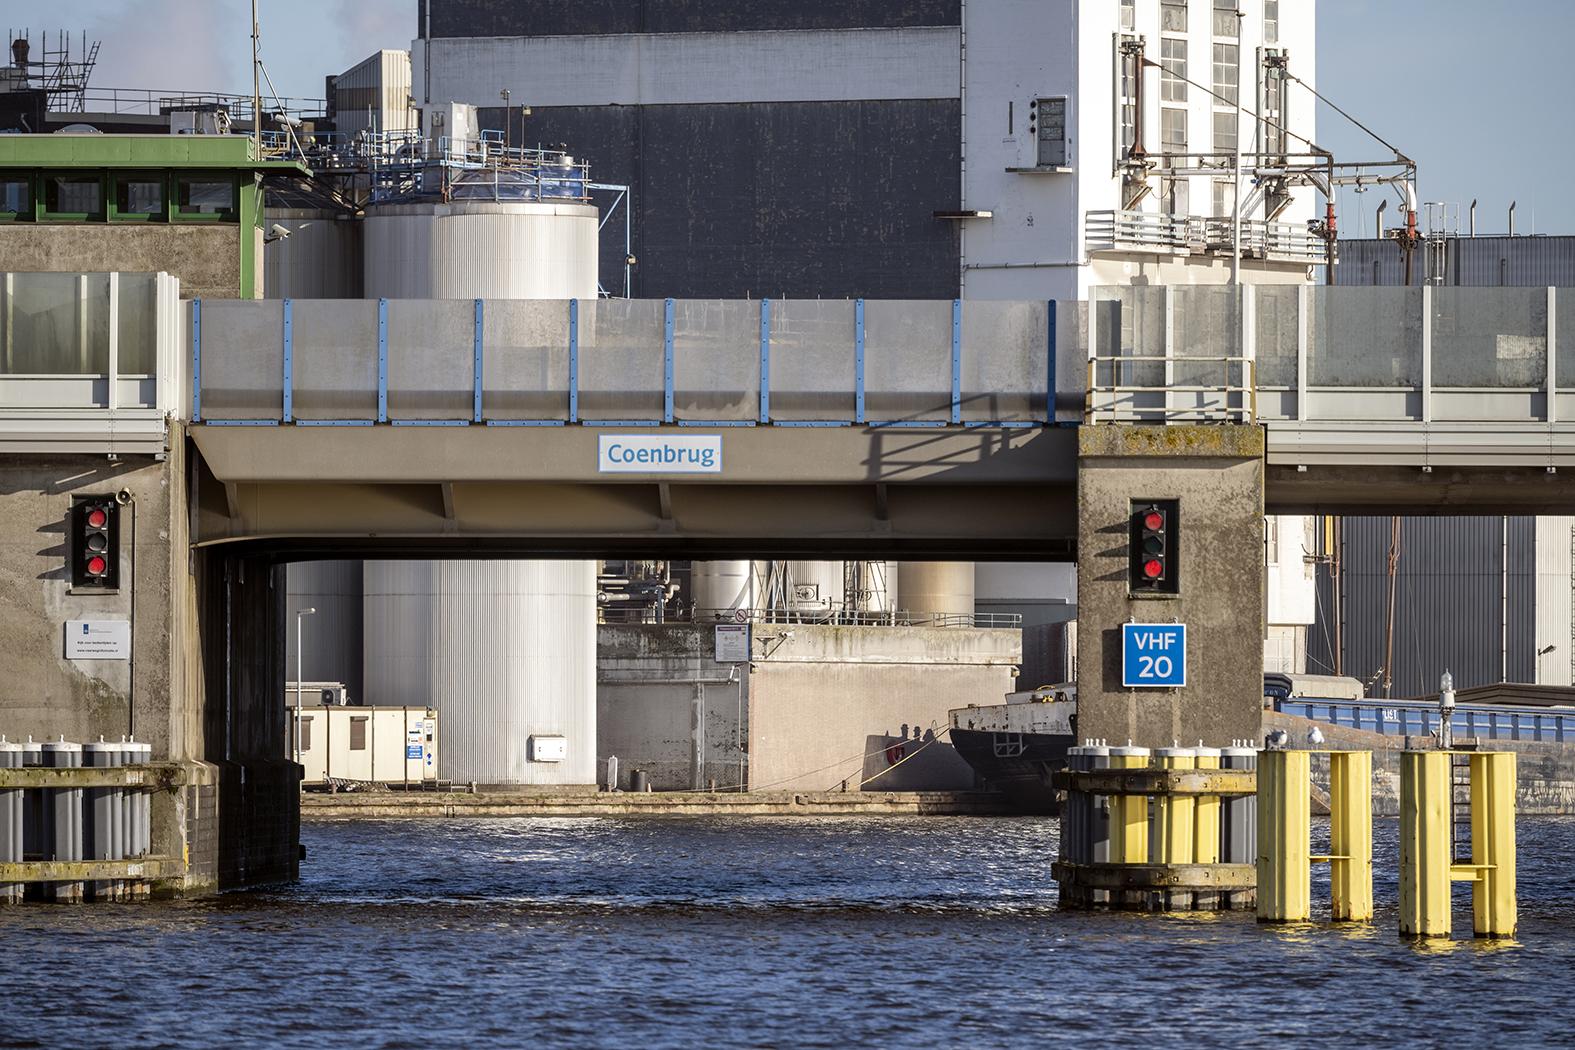 Door werkzaamheden wordt de doorvaarhoogte van de Coenbrug beperkt. (Foto Rijkswaterstaat)